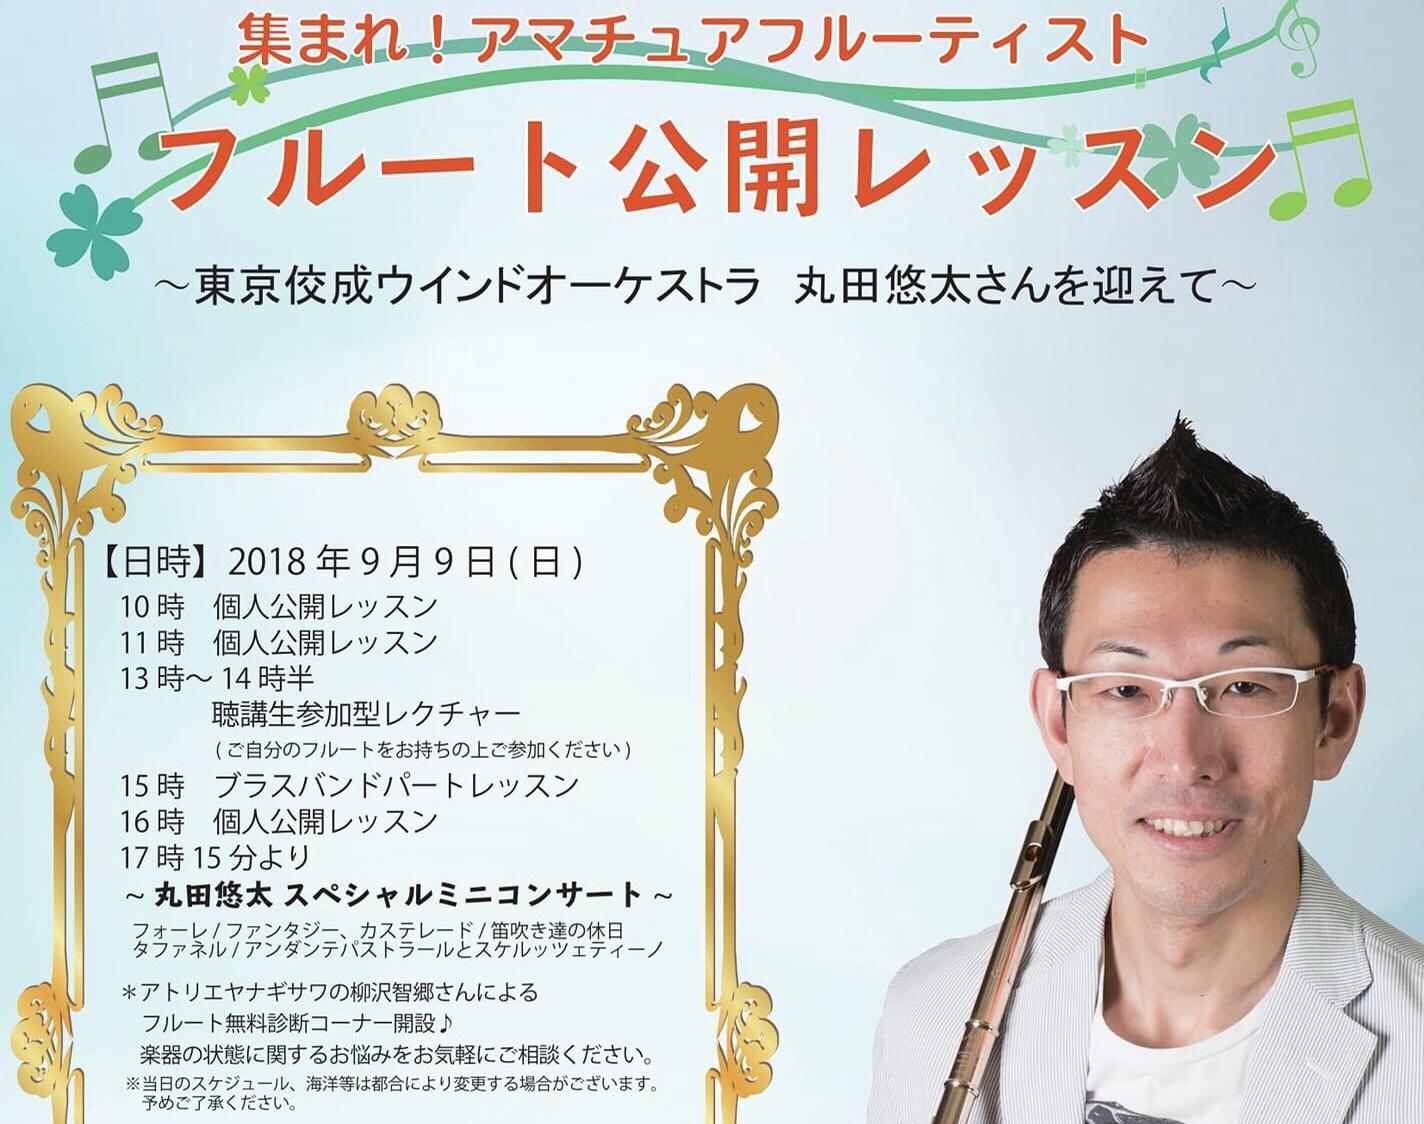 【2018/09/09 フルート公開レッスン&ミニコンサート】